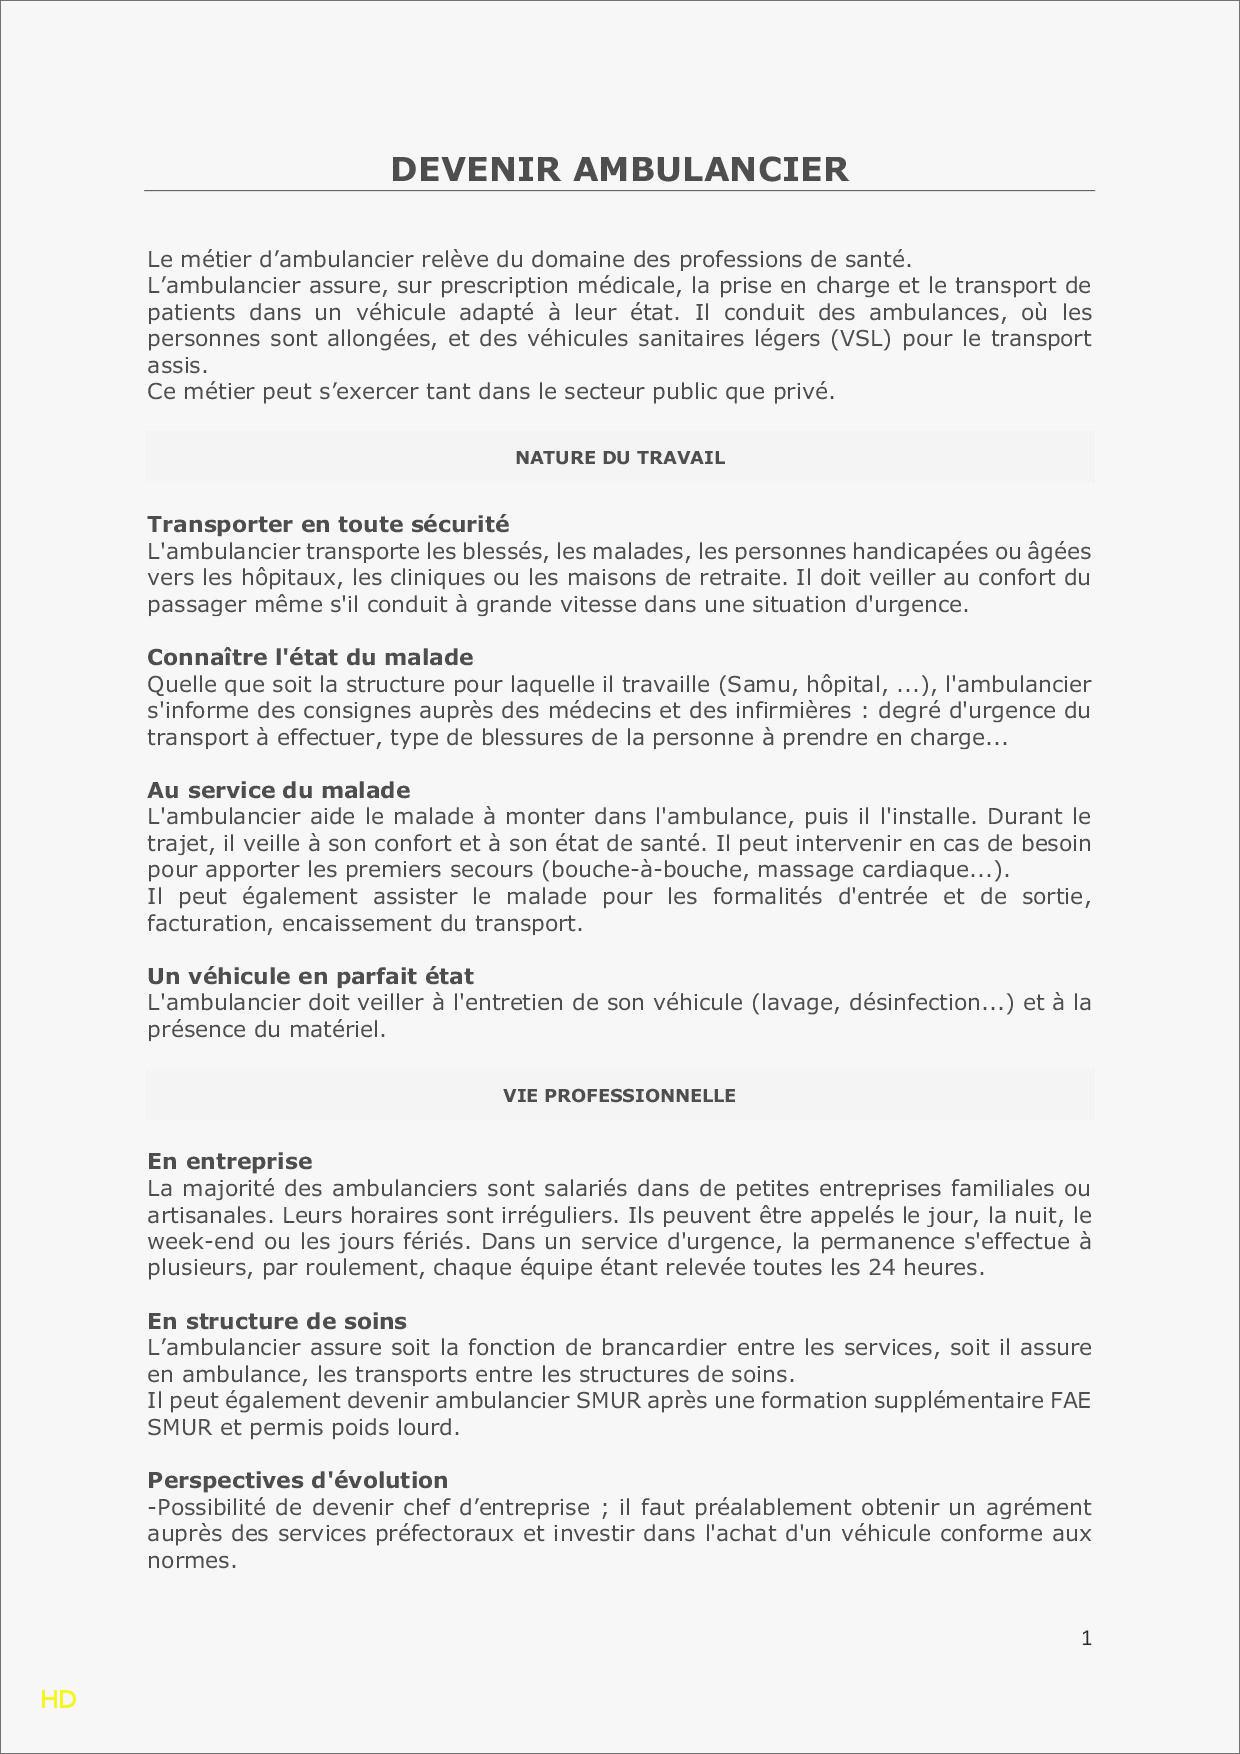 lettre de motivation job d u0026 39  u00e9t u00e9 g u00e9ant casino